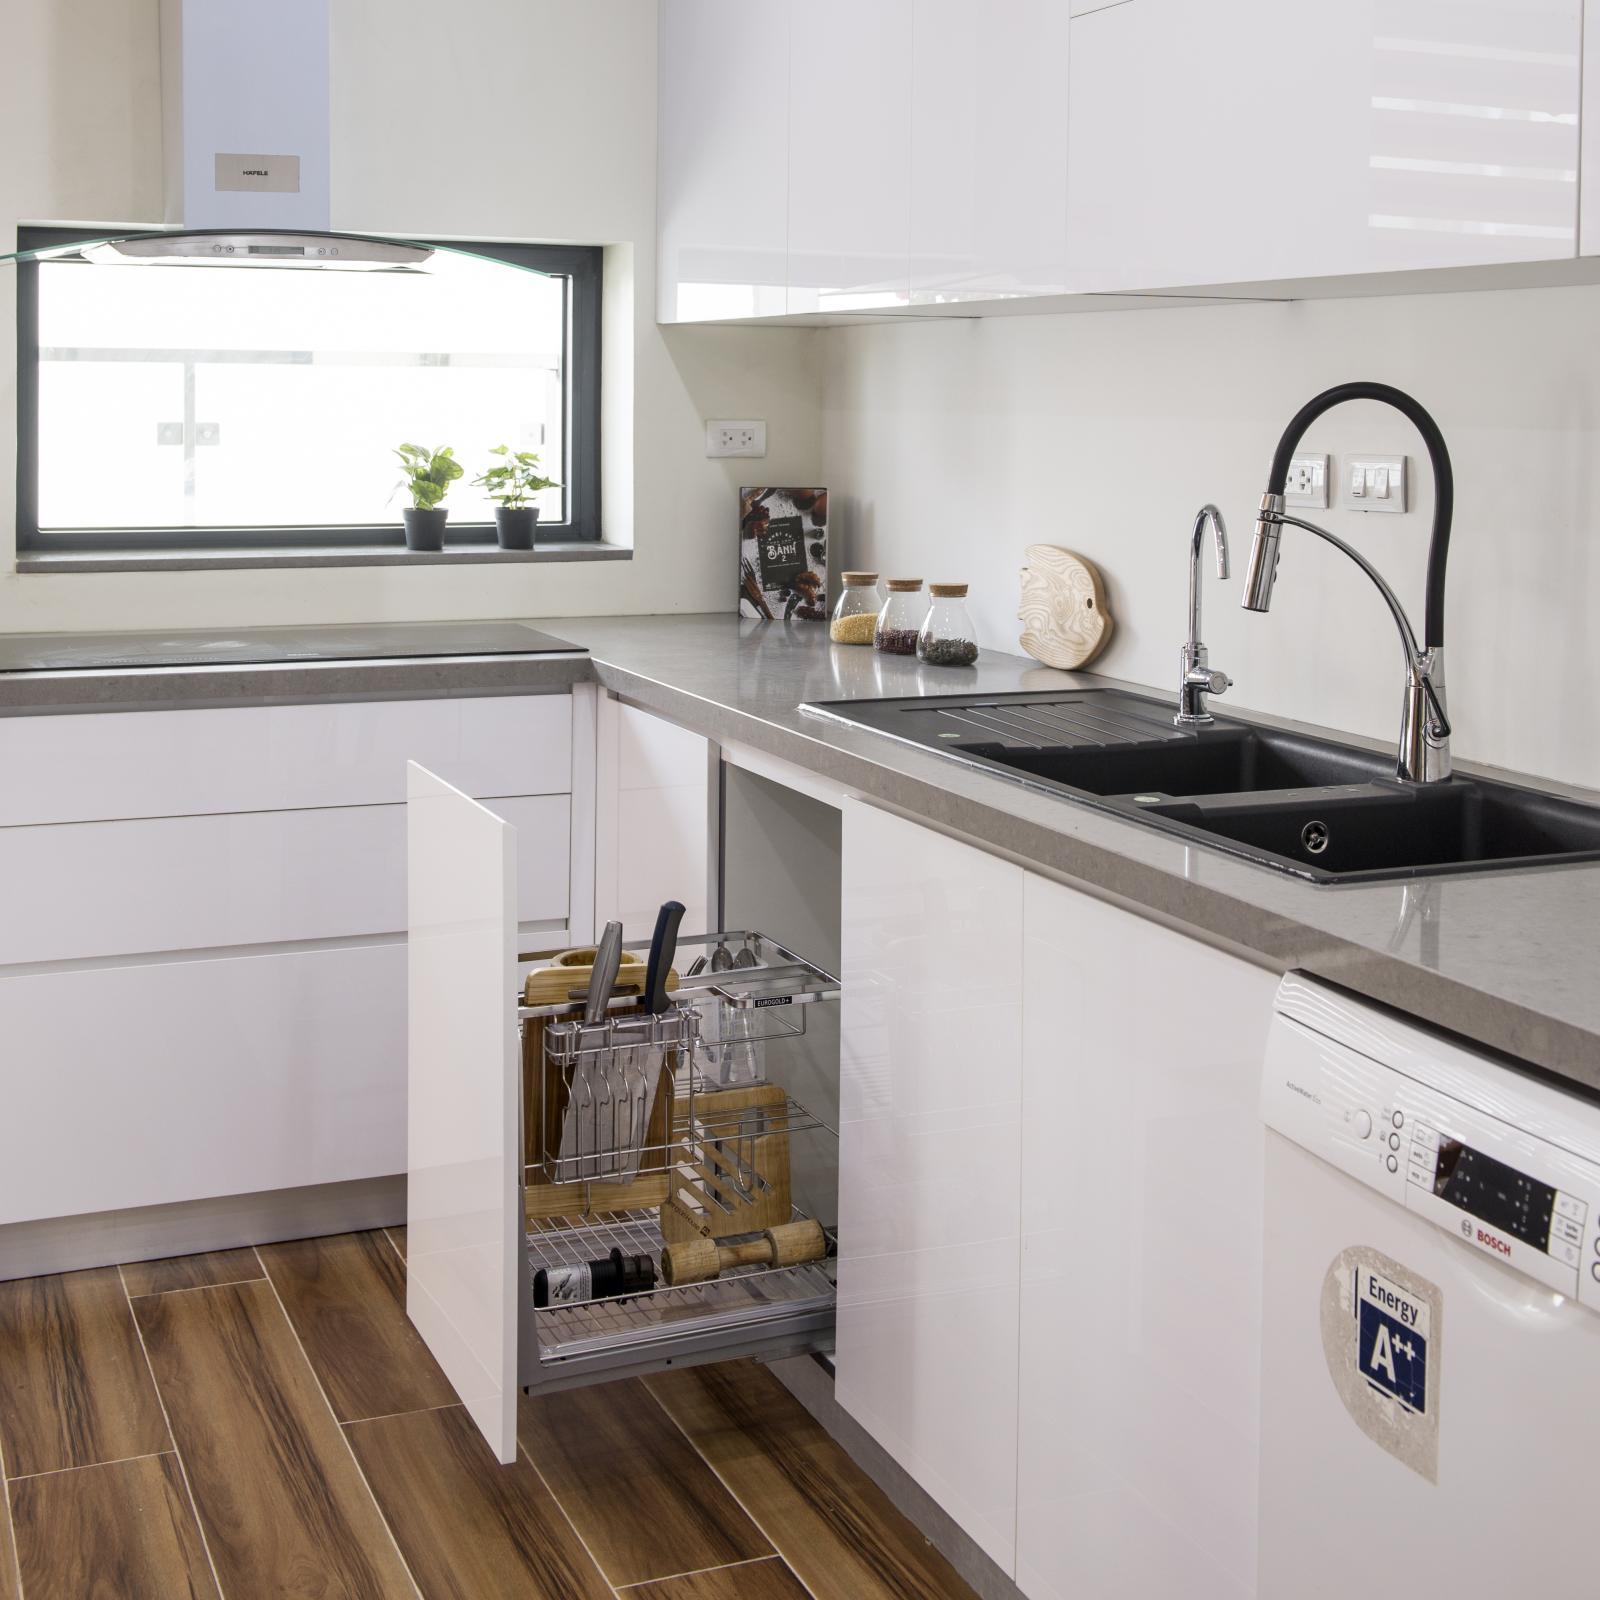 tủ bếp màu trắng với ngăn đựng dao kéo đang mở ra